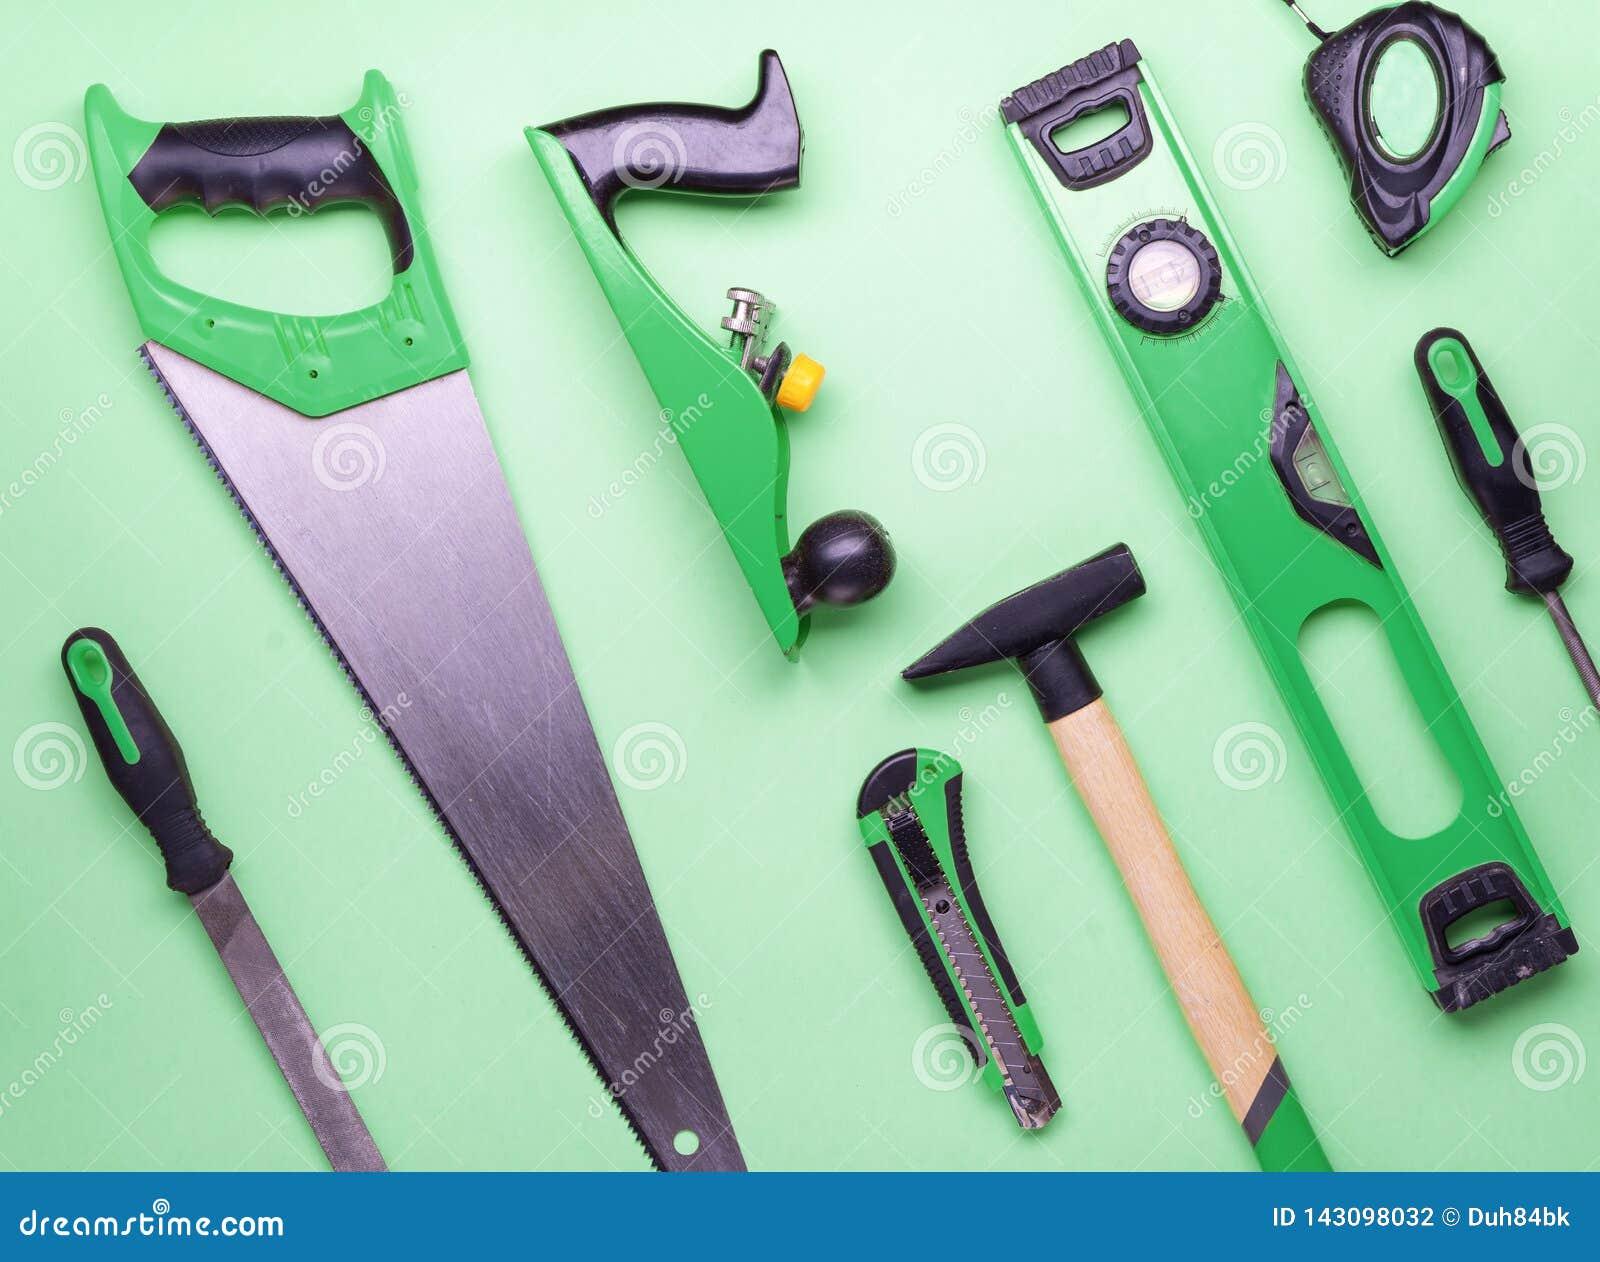 Επίπεδο σχεδιάγραμμα: ένα σύνολο εργαλείων χεριών για την κατασκευή και την επισκευή σε ένα πράσινο υπόβαθρο